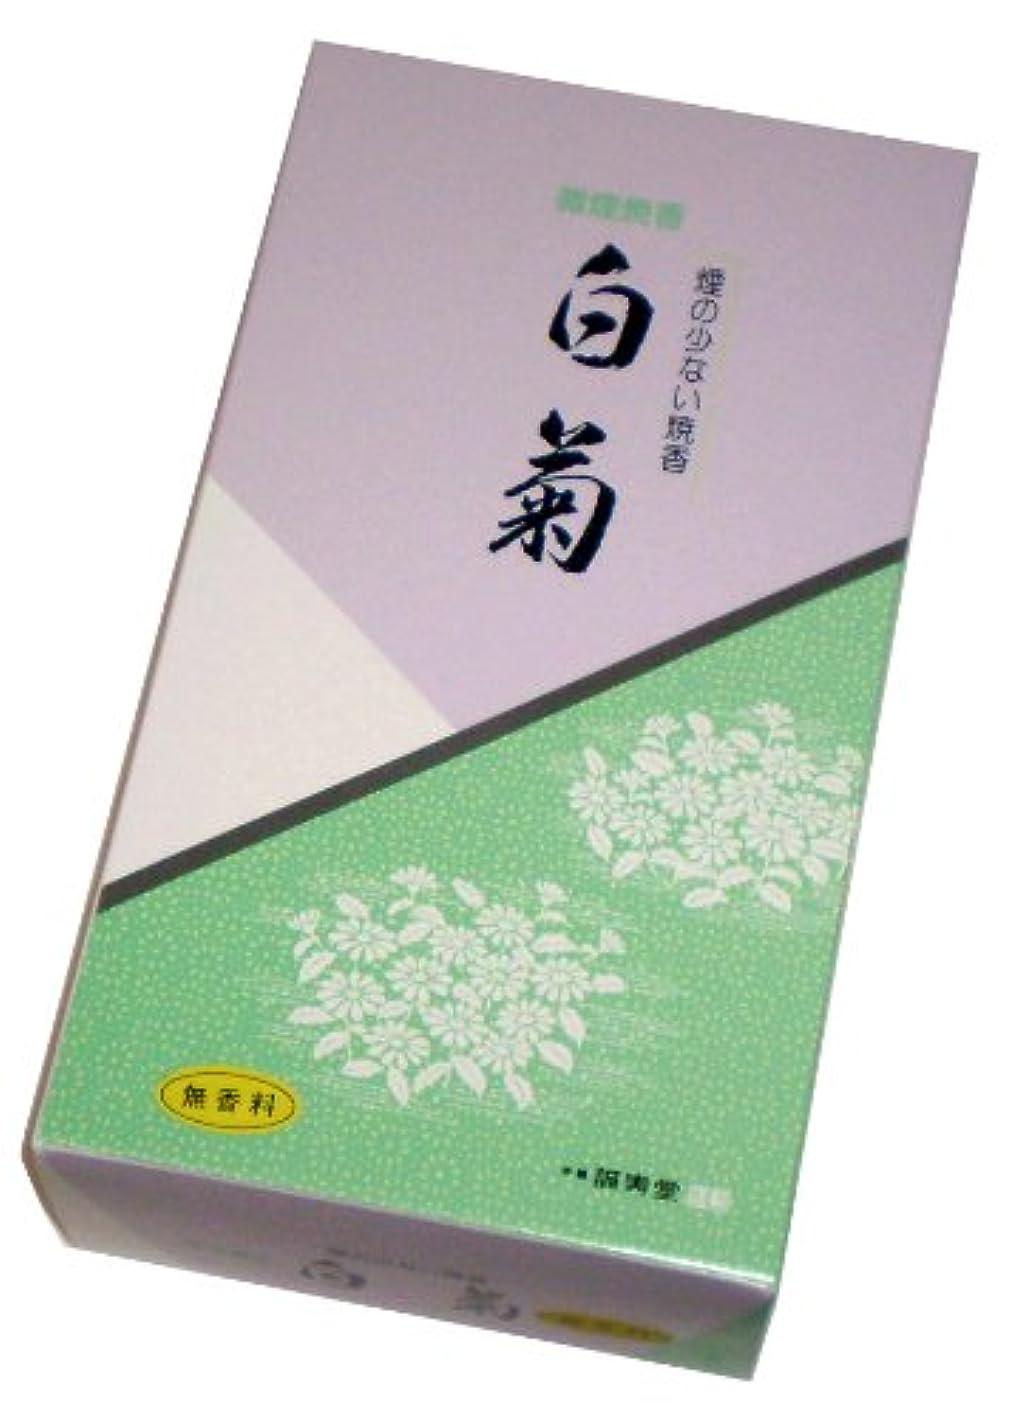 暖かく定規変な誠寿堂のお線香 微煙焼香 白菊(無香料)500g #FN21